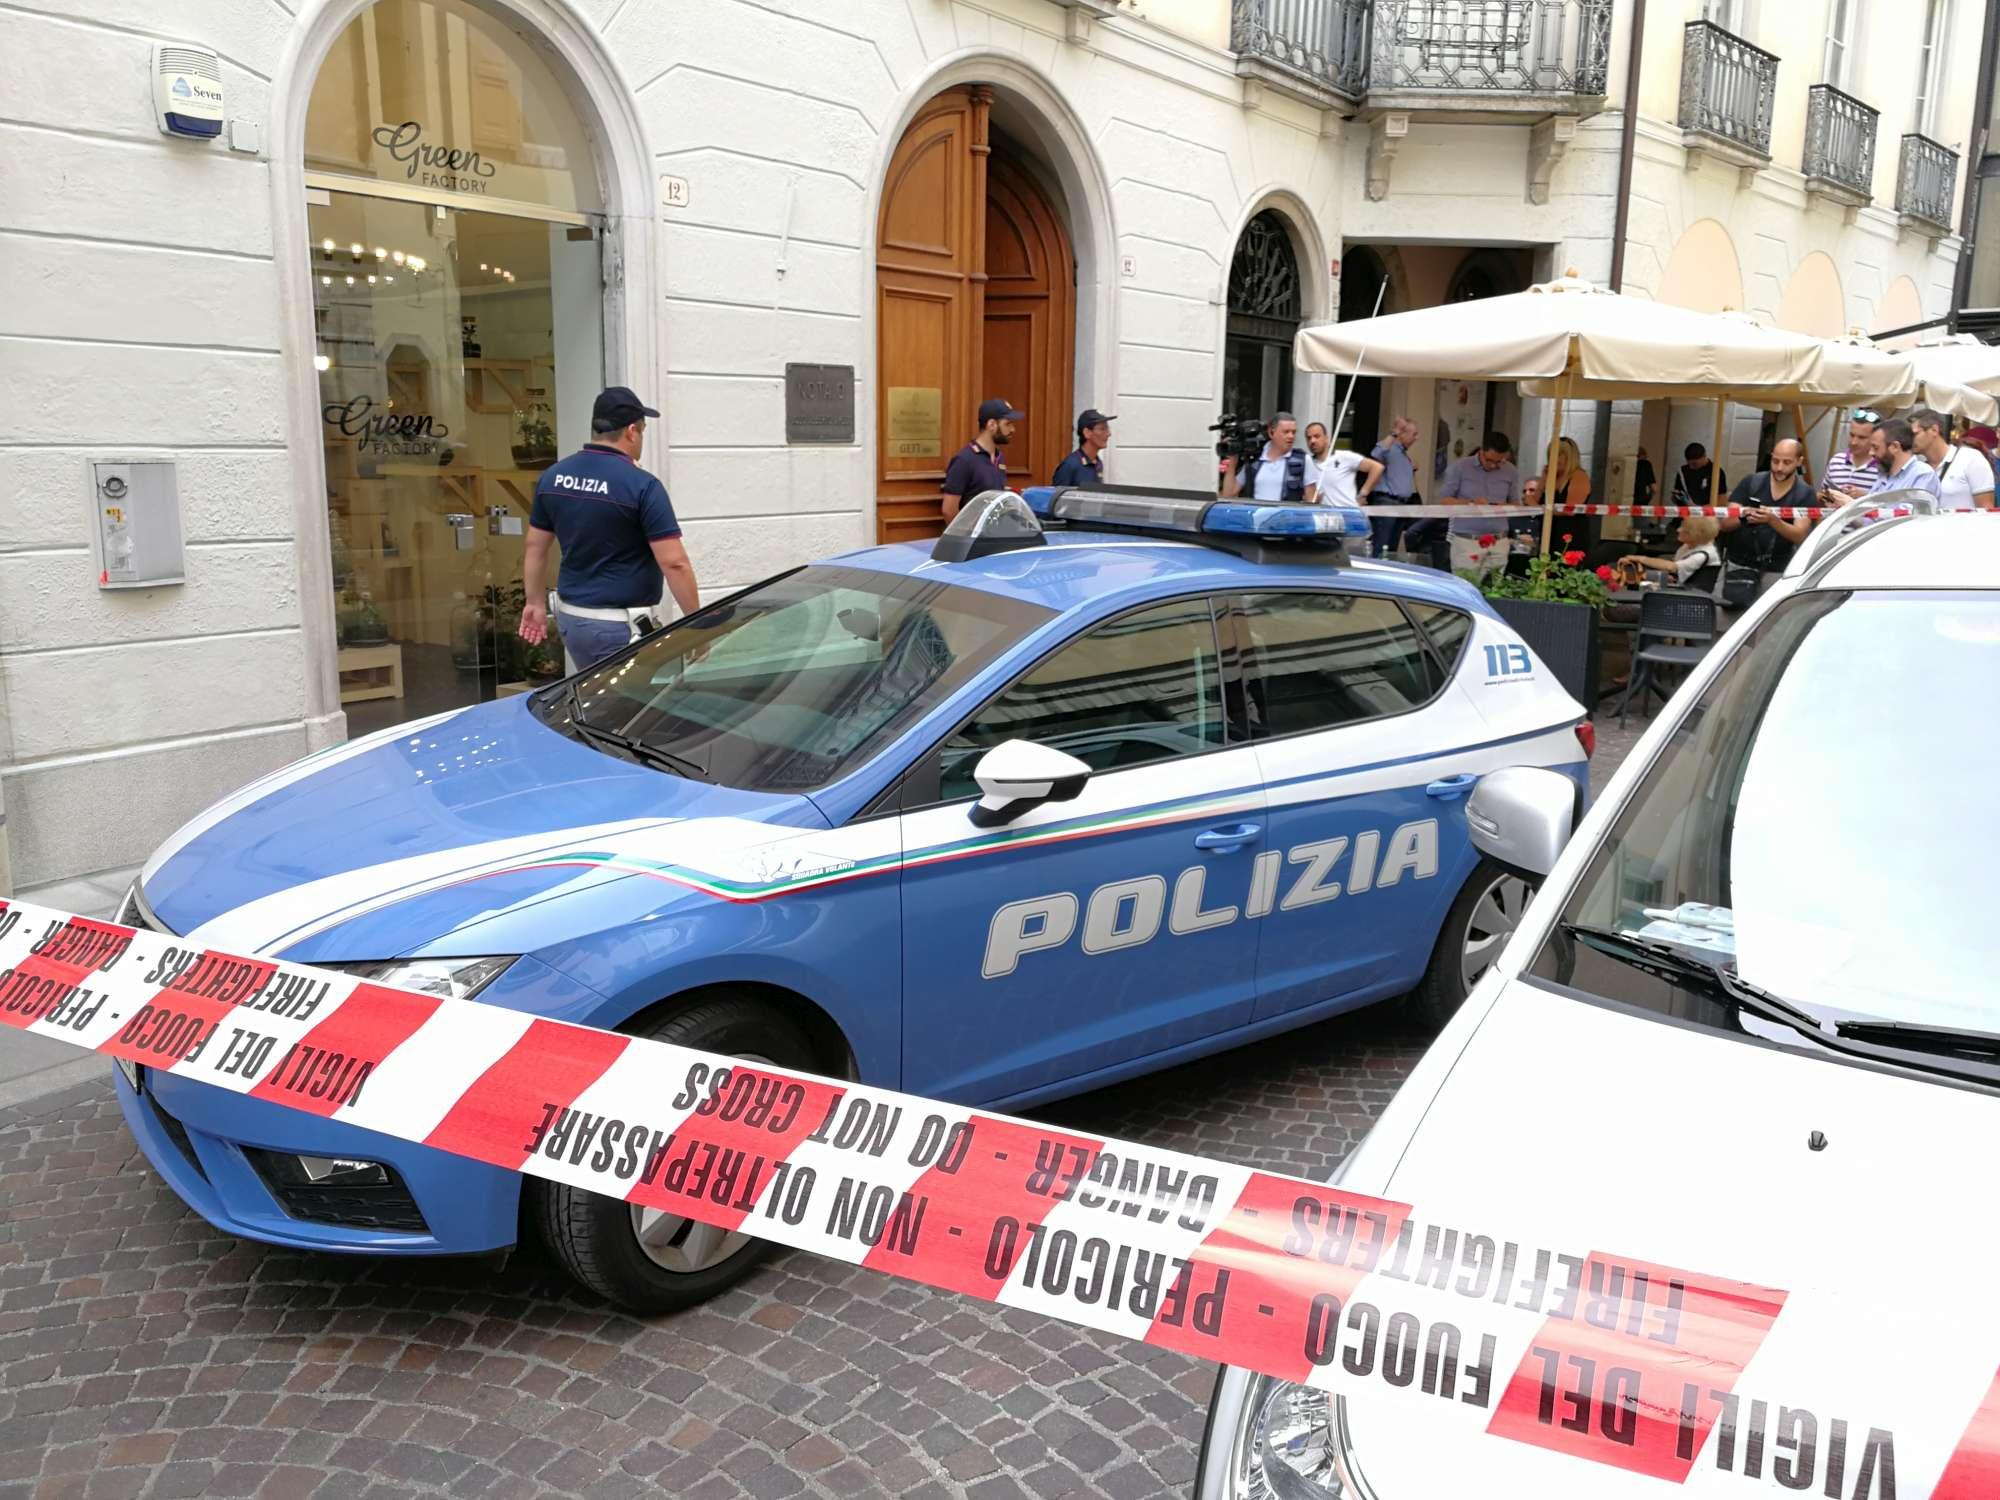 Omicidio-suicidio in uno studio di un notaio a Udine